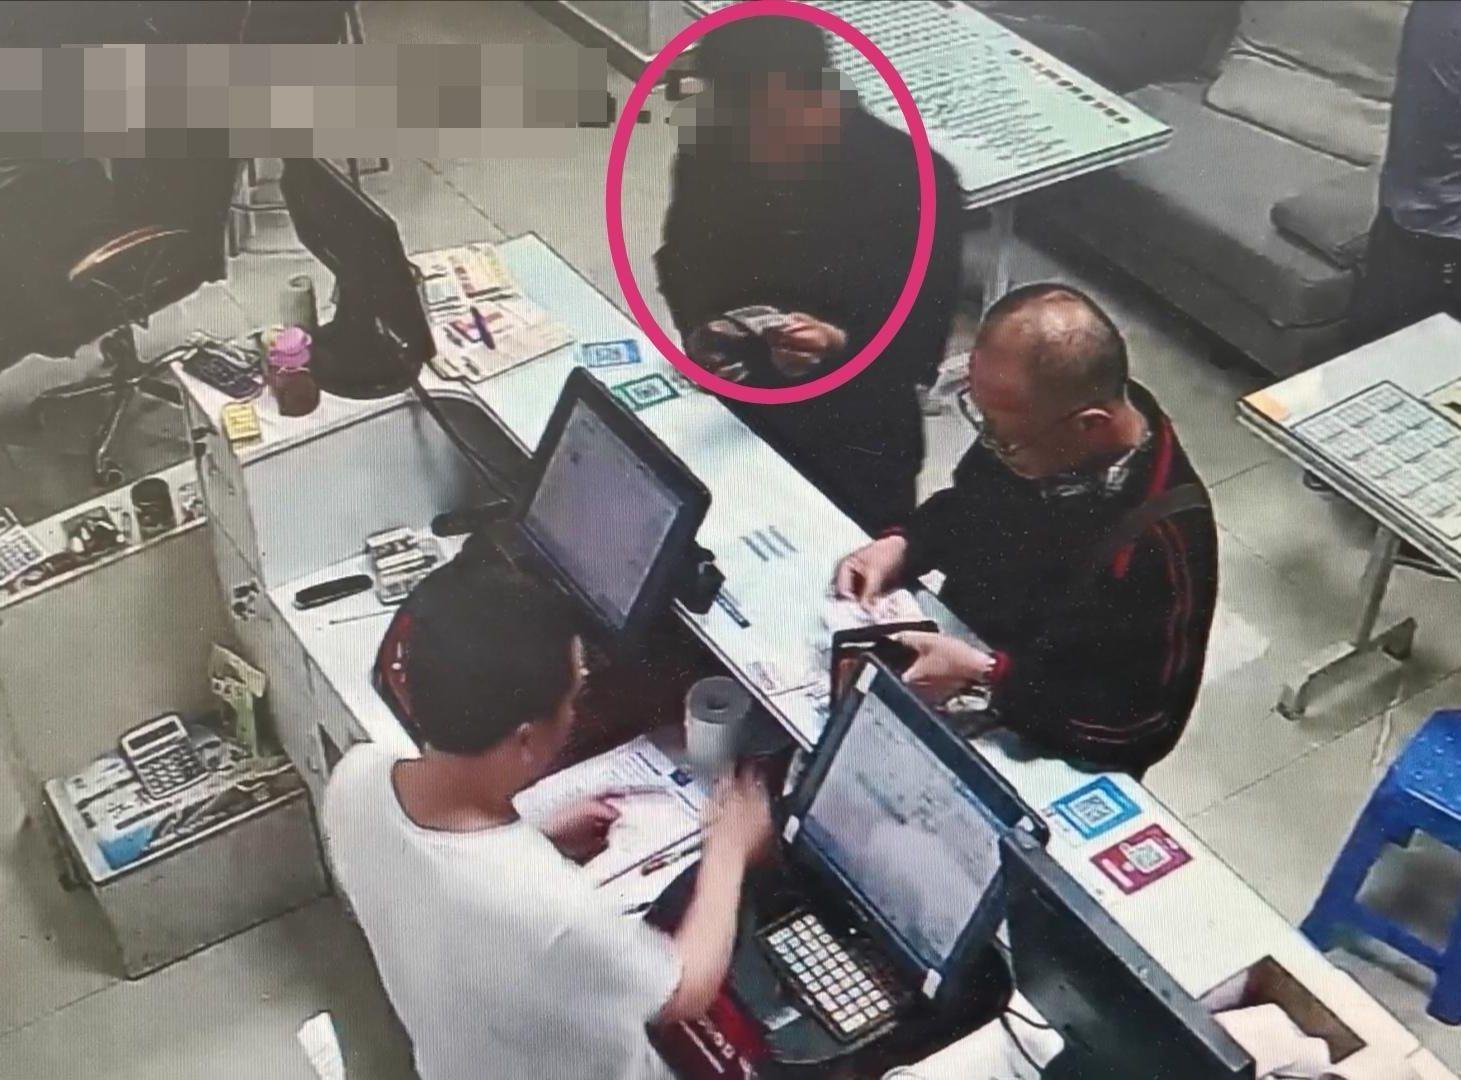 在吳男誤丟彩票後,一名男子曾在廢票箱撿起並拿走一張彩票。網圖